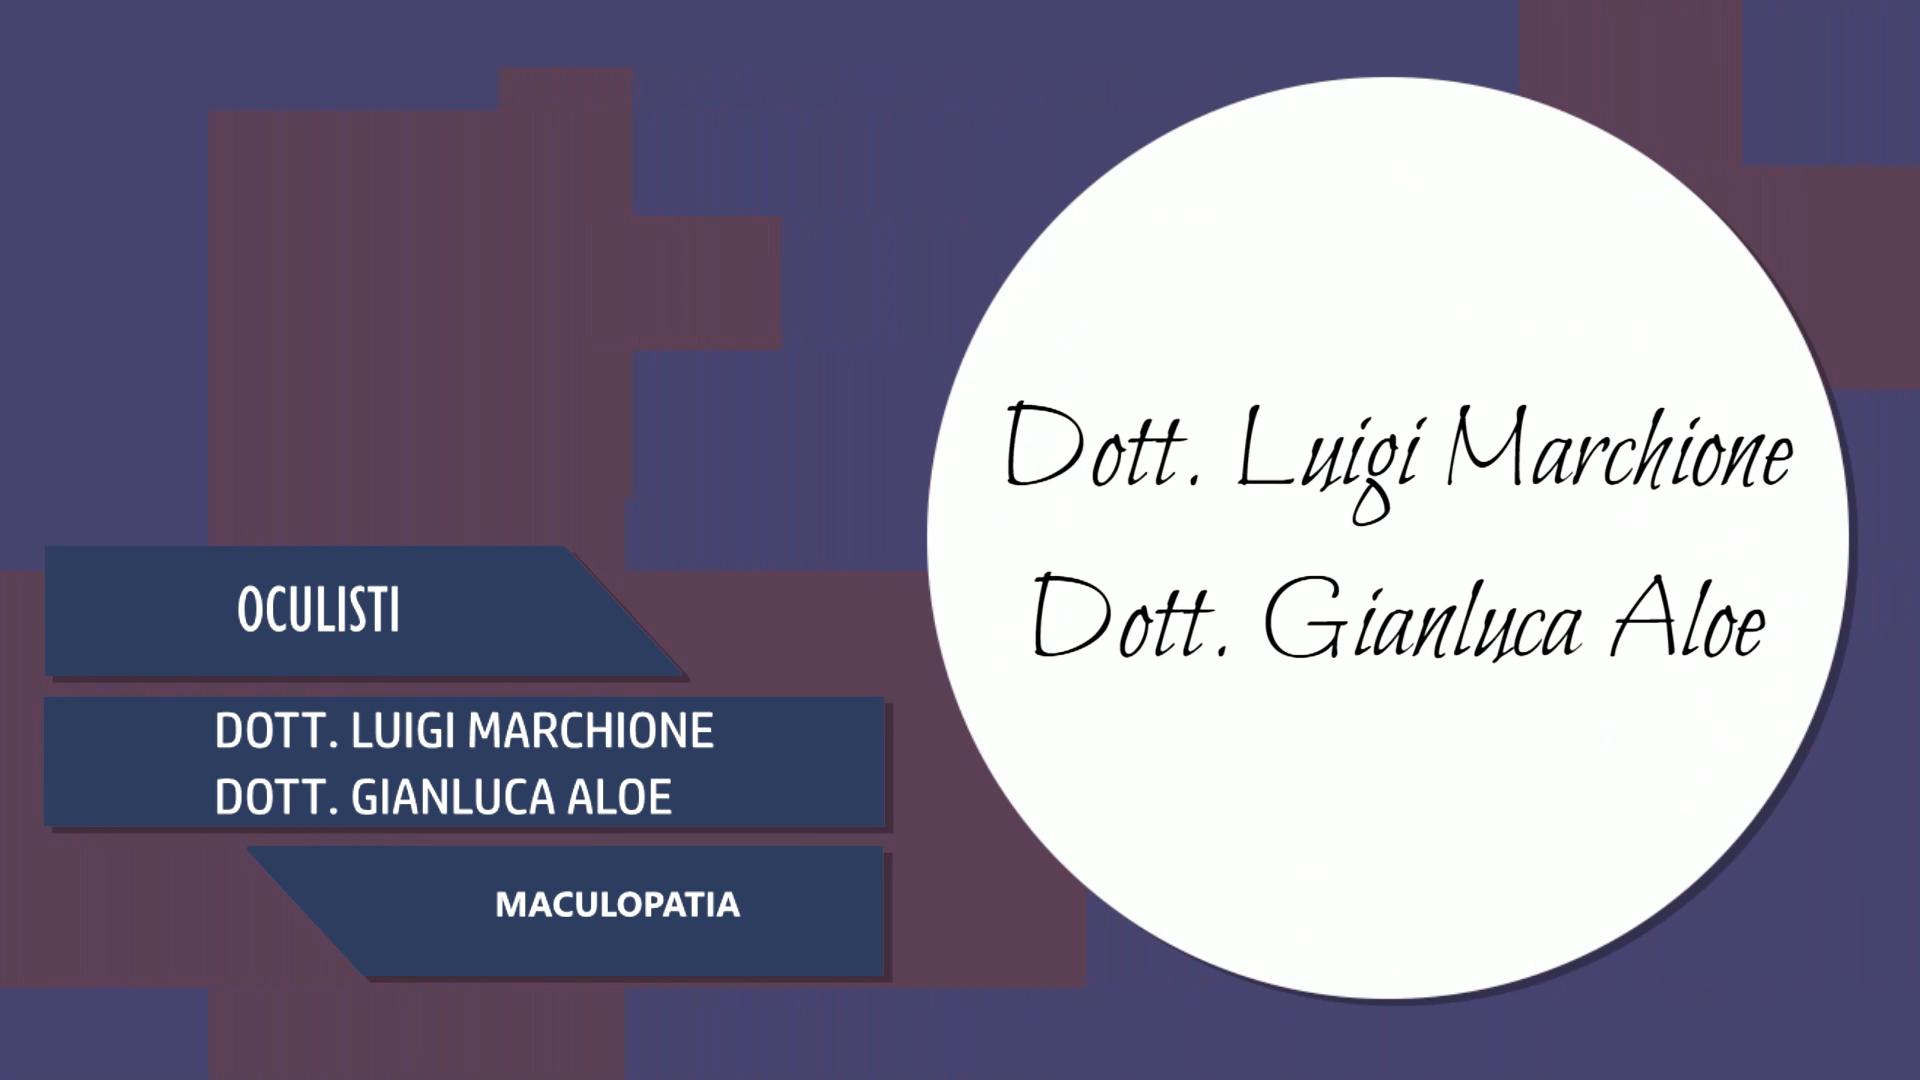 Intervista al Dott. Luigi Marchione & al Dott. Gianluca Aloe – Maculopatia